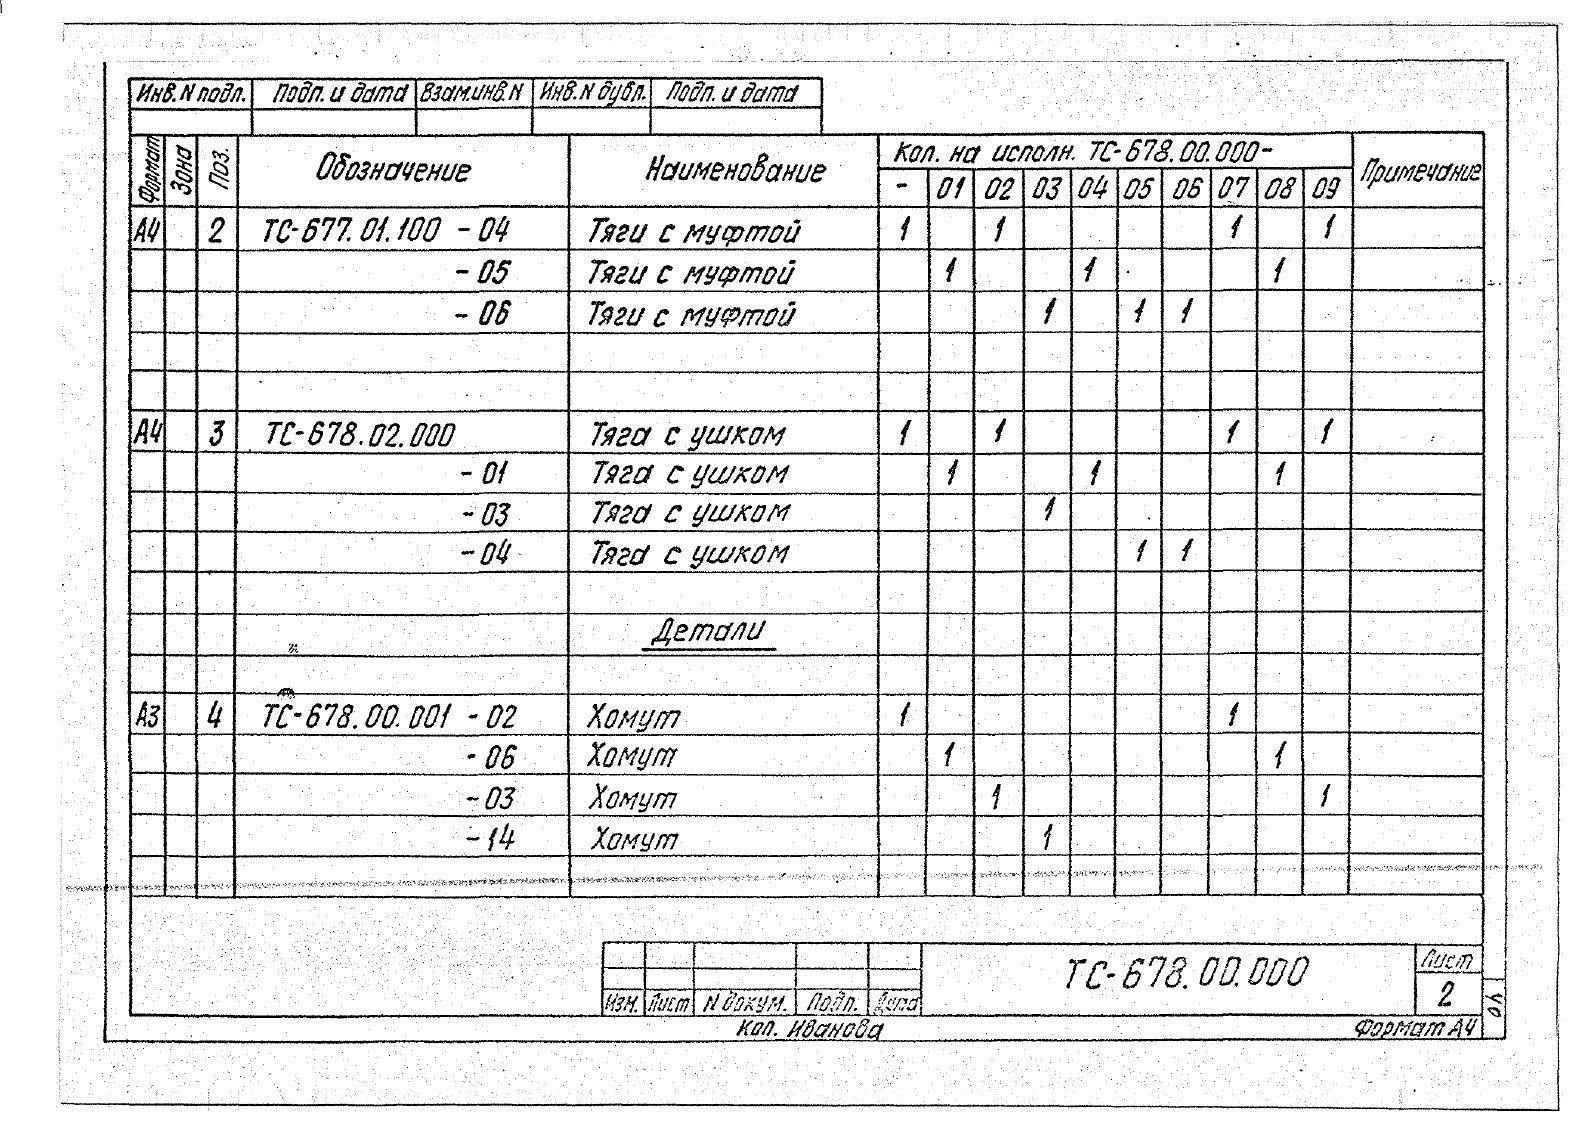 Подвески жесткие Дн 273-630 ТС-678 с.5.903-13 вып.6-95 стр.5